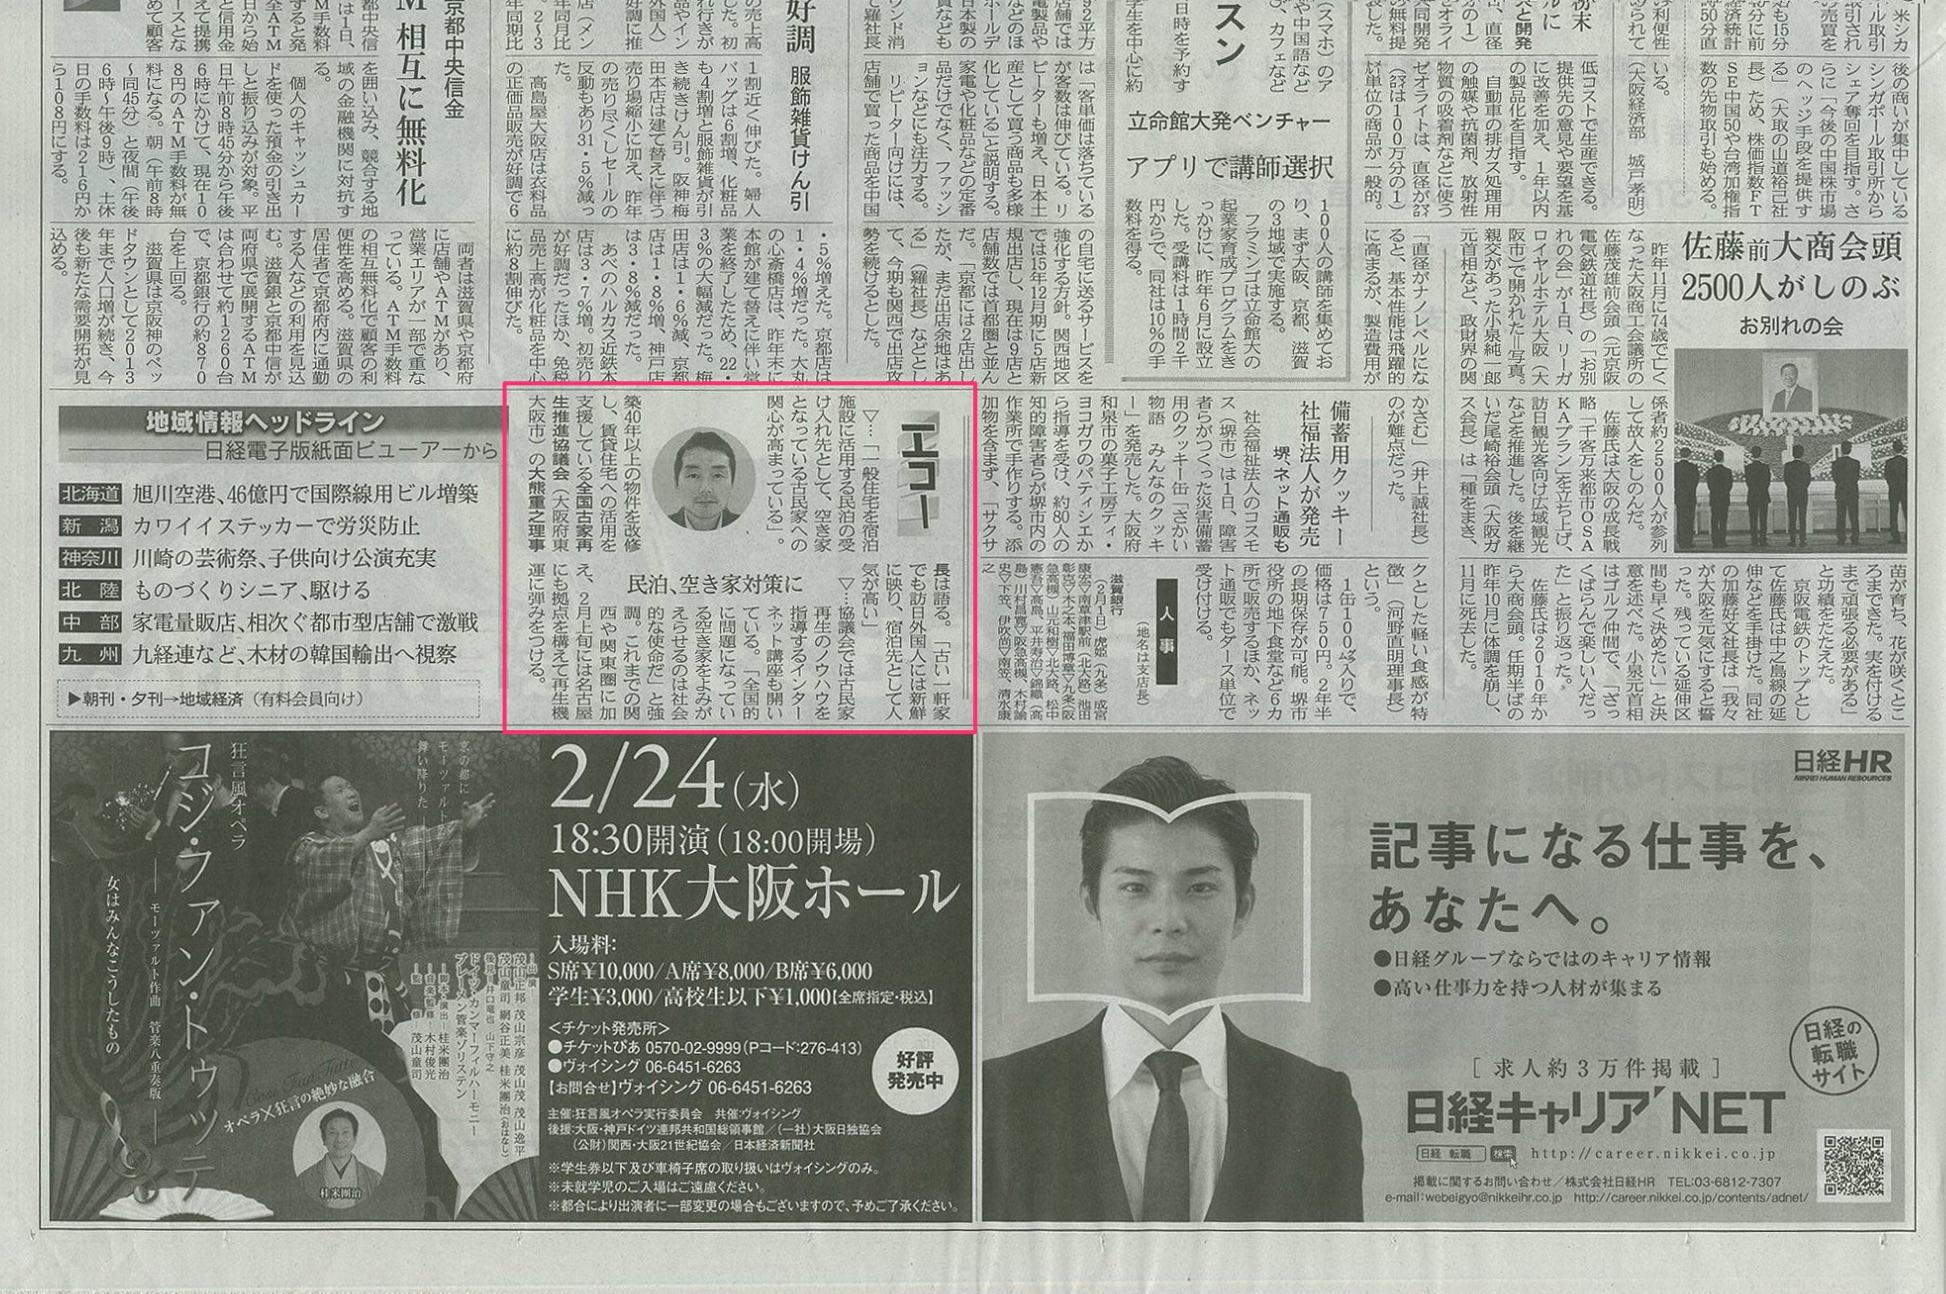 全国古家再生推進協議会の日経新聞掲載面20160202